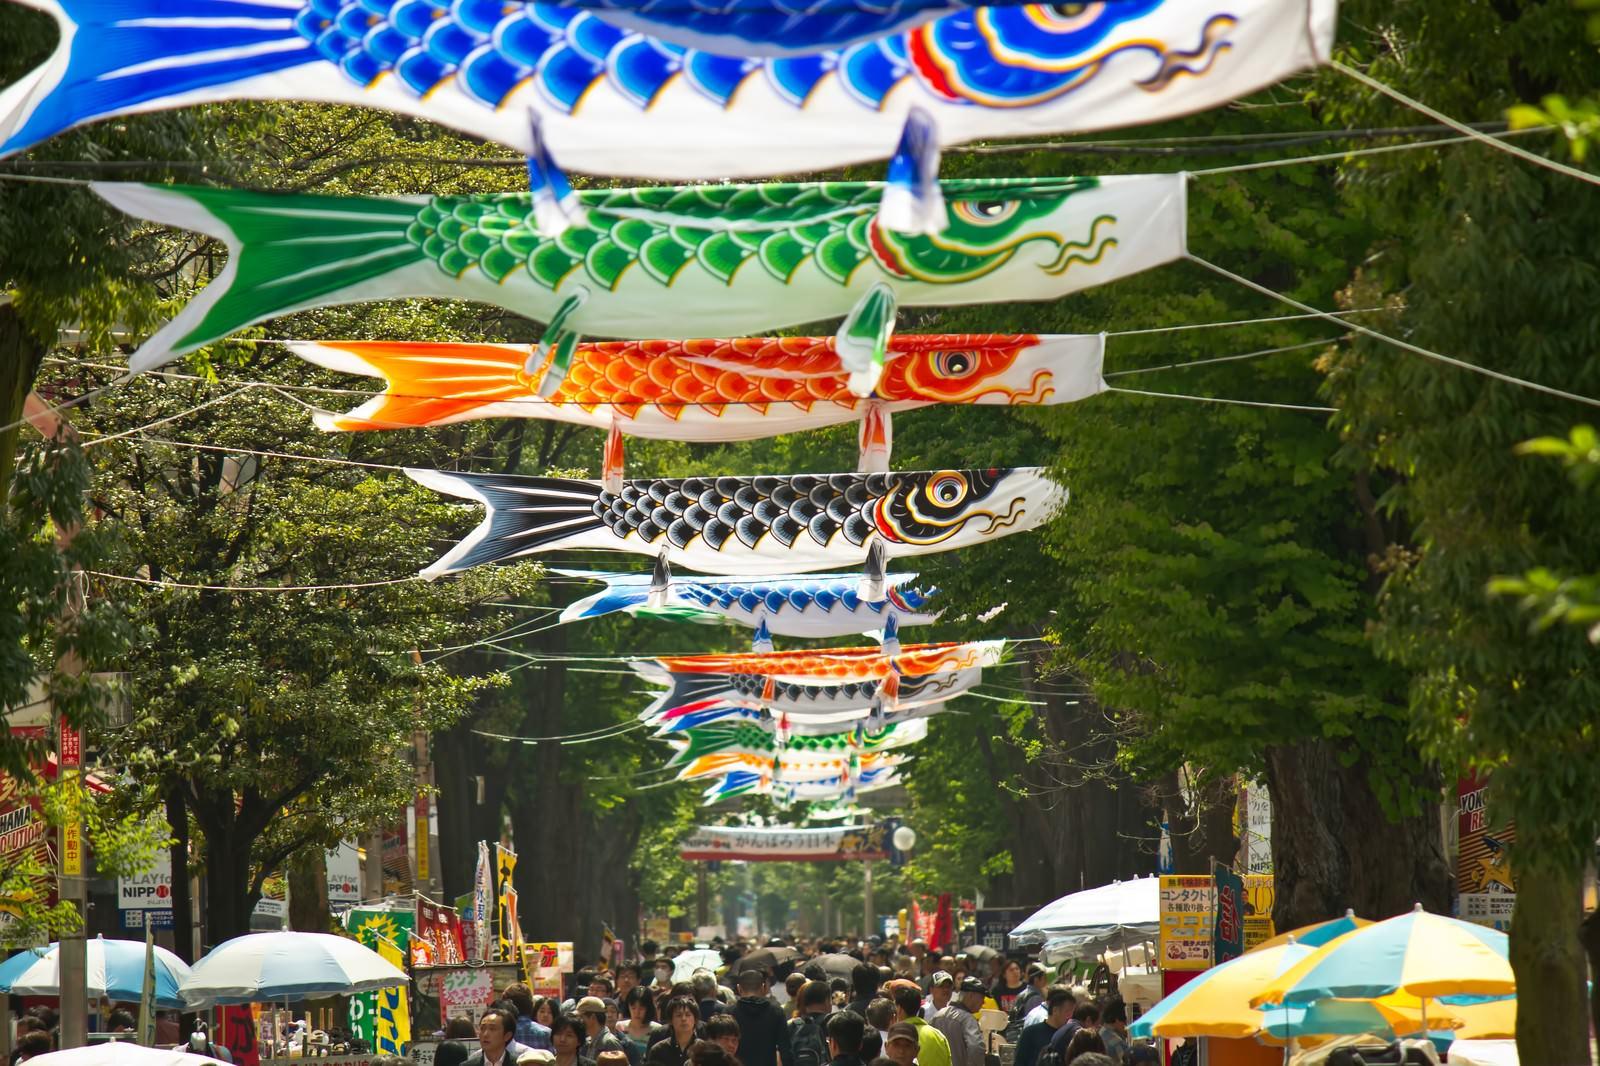 「商店街の鯉のぼり商店街の鯉のぼり」のフリー写真素材を拡大